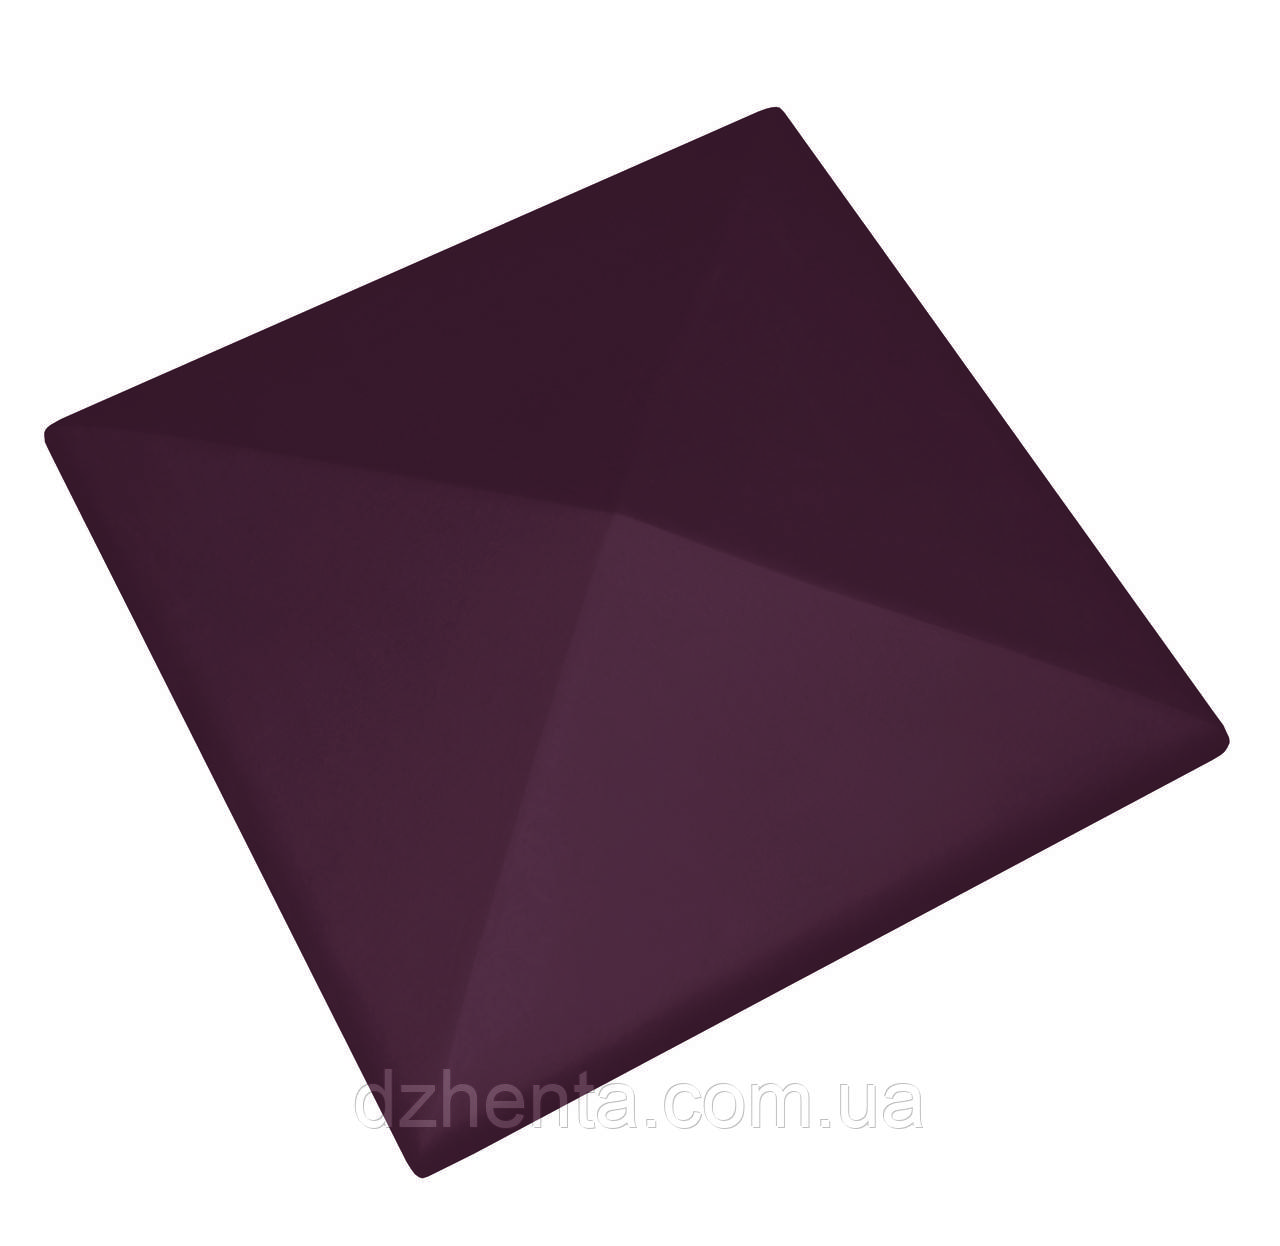 Клинкерная накрывка рубиновая 445*445